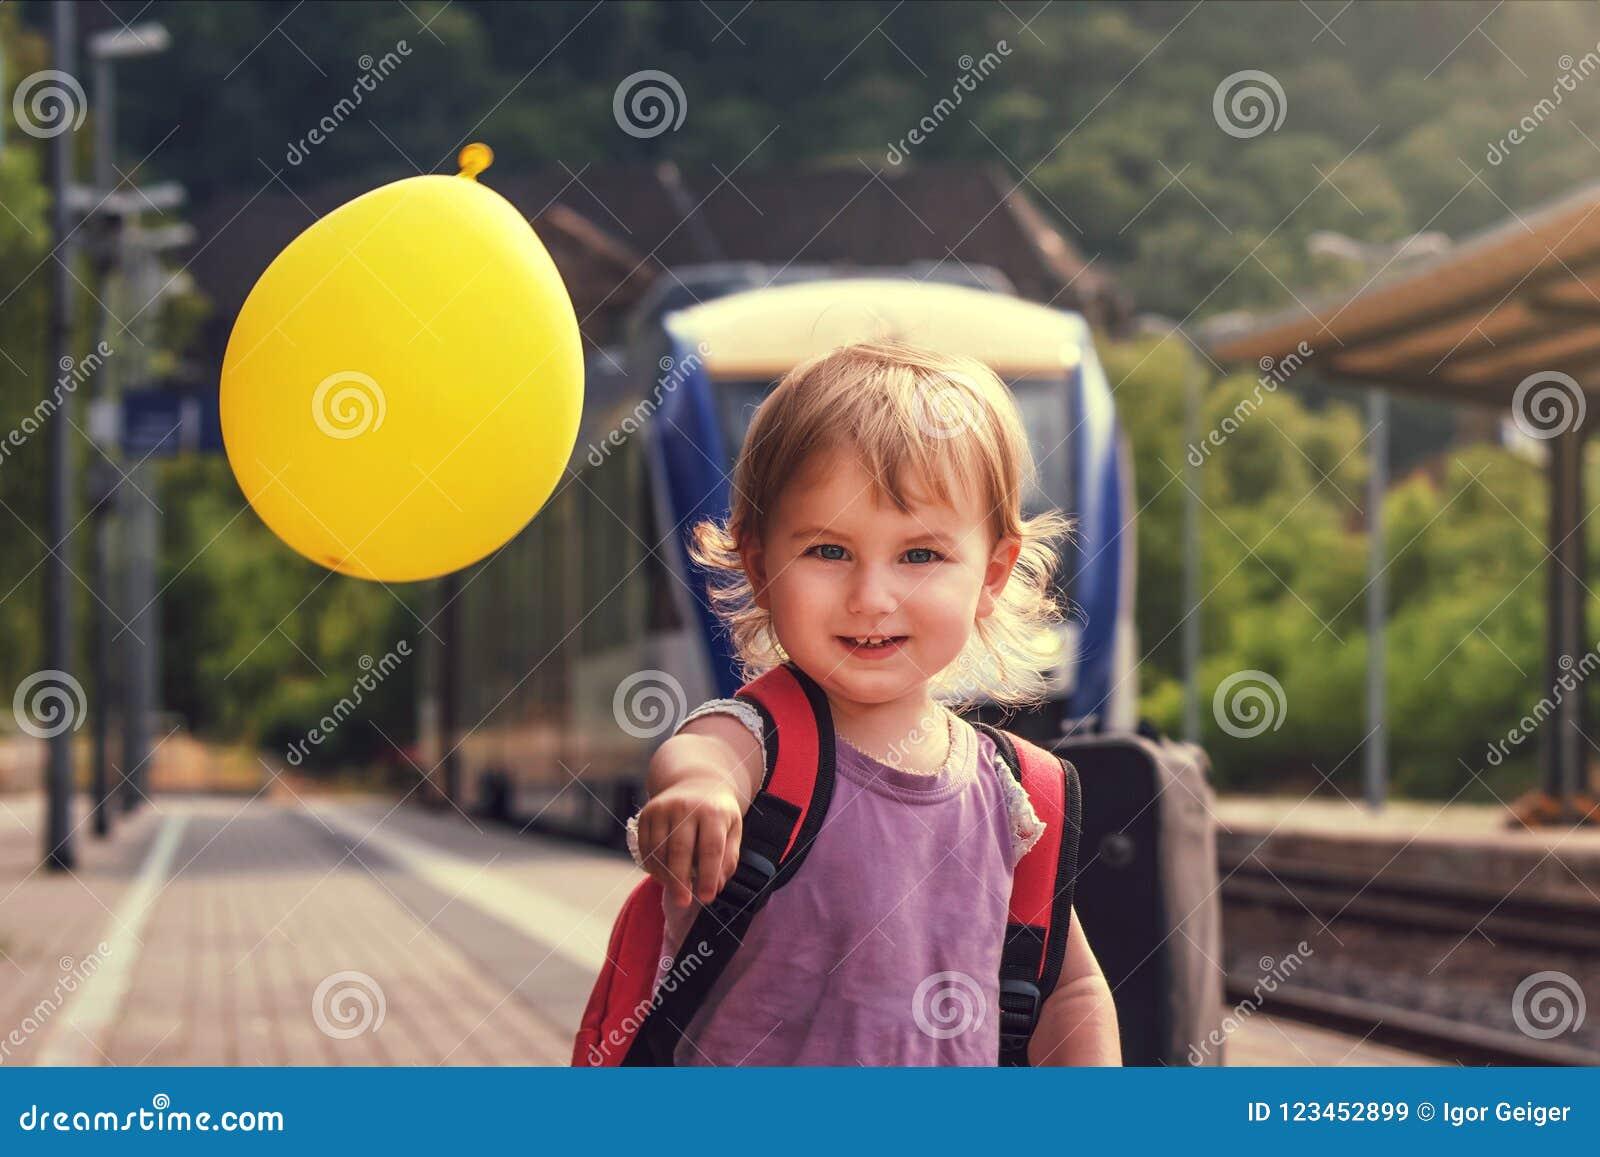 La pequeña muchacha bonita camina a lo largo de la plataforma de la estación del tr